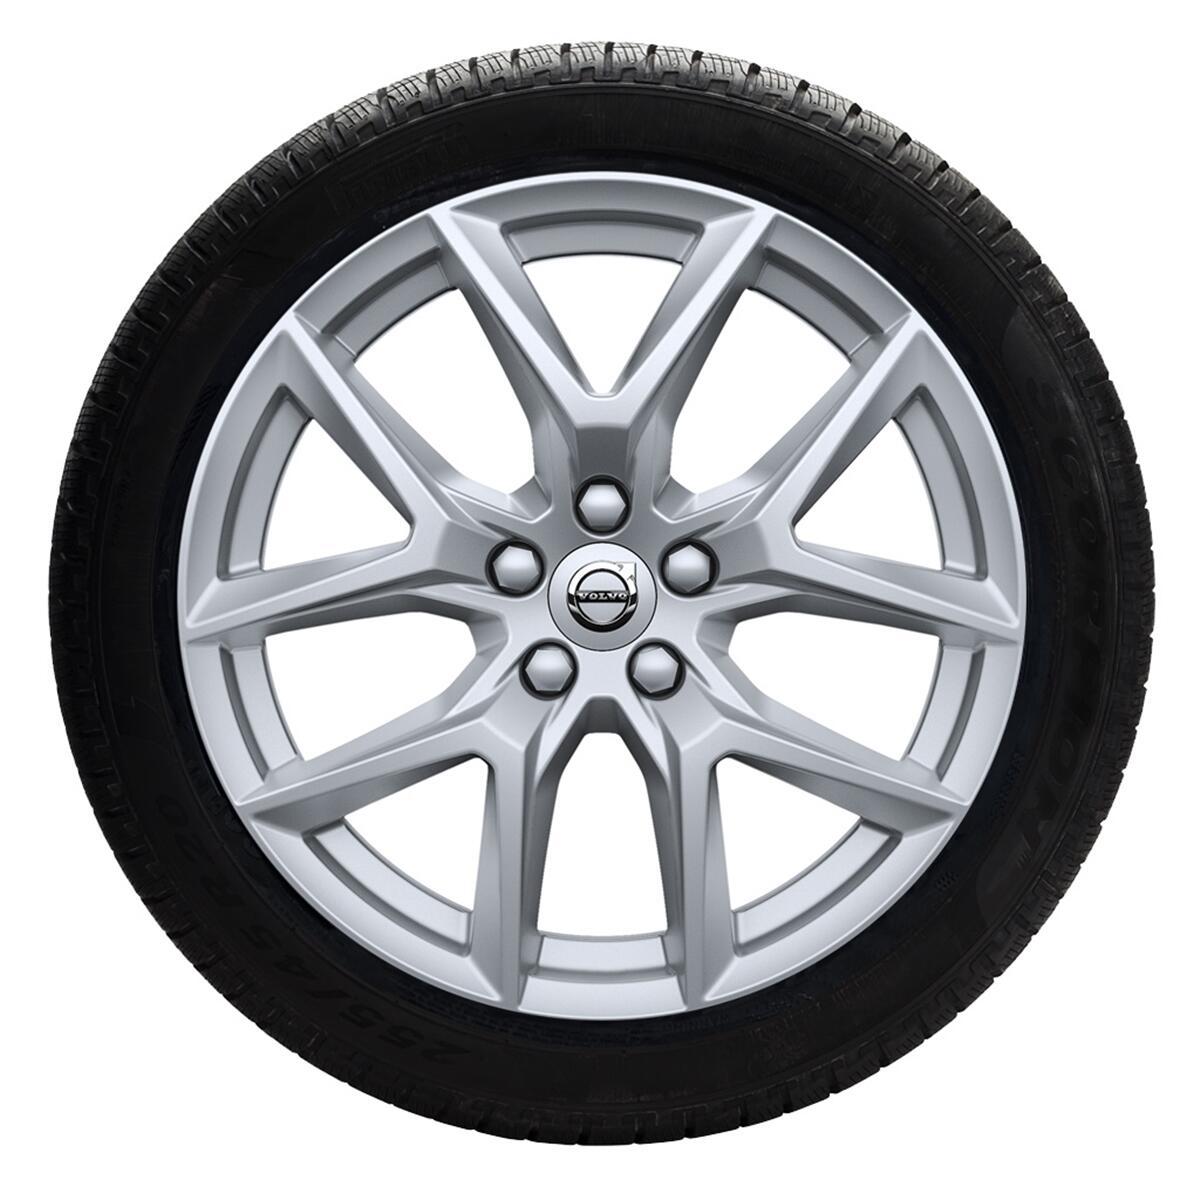 komplet zimskih kotača: 18'', gume Continental